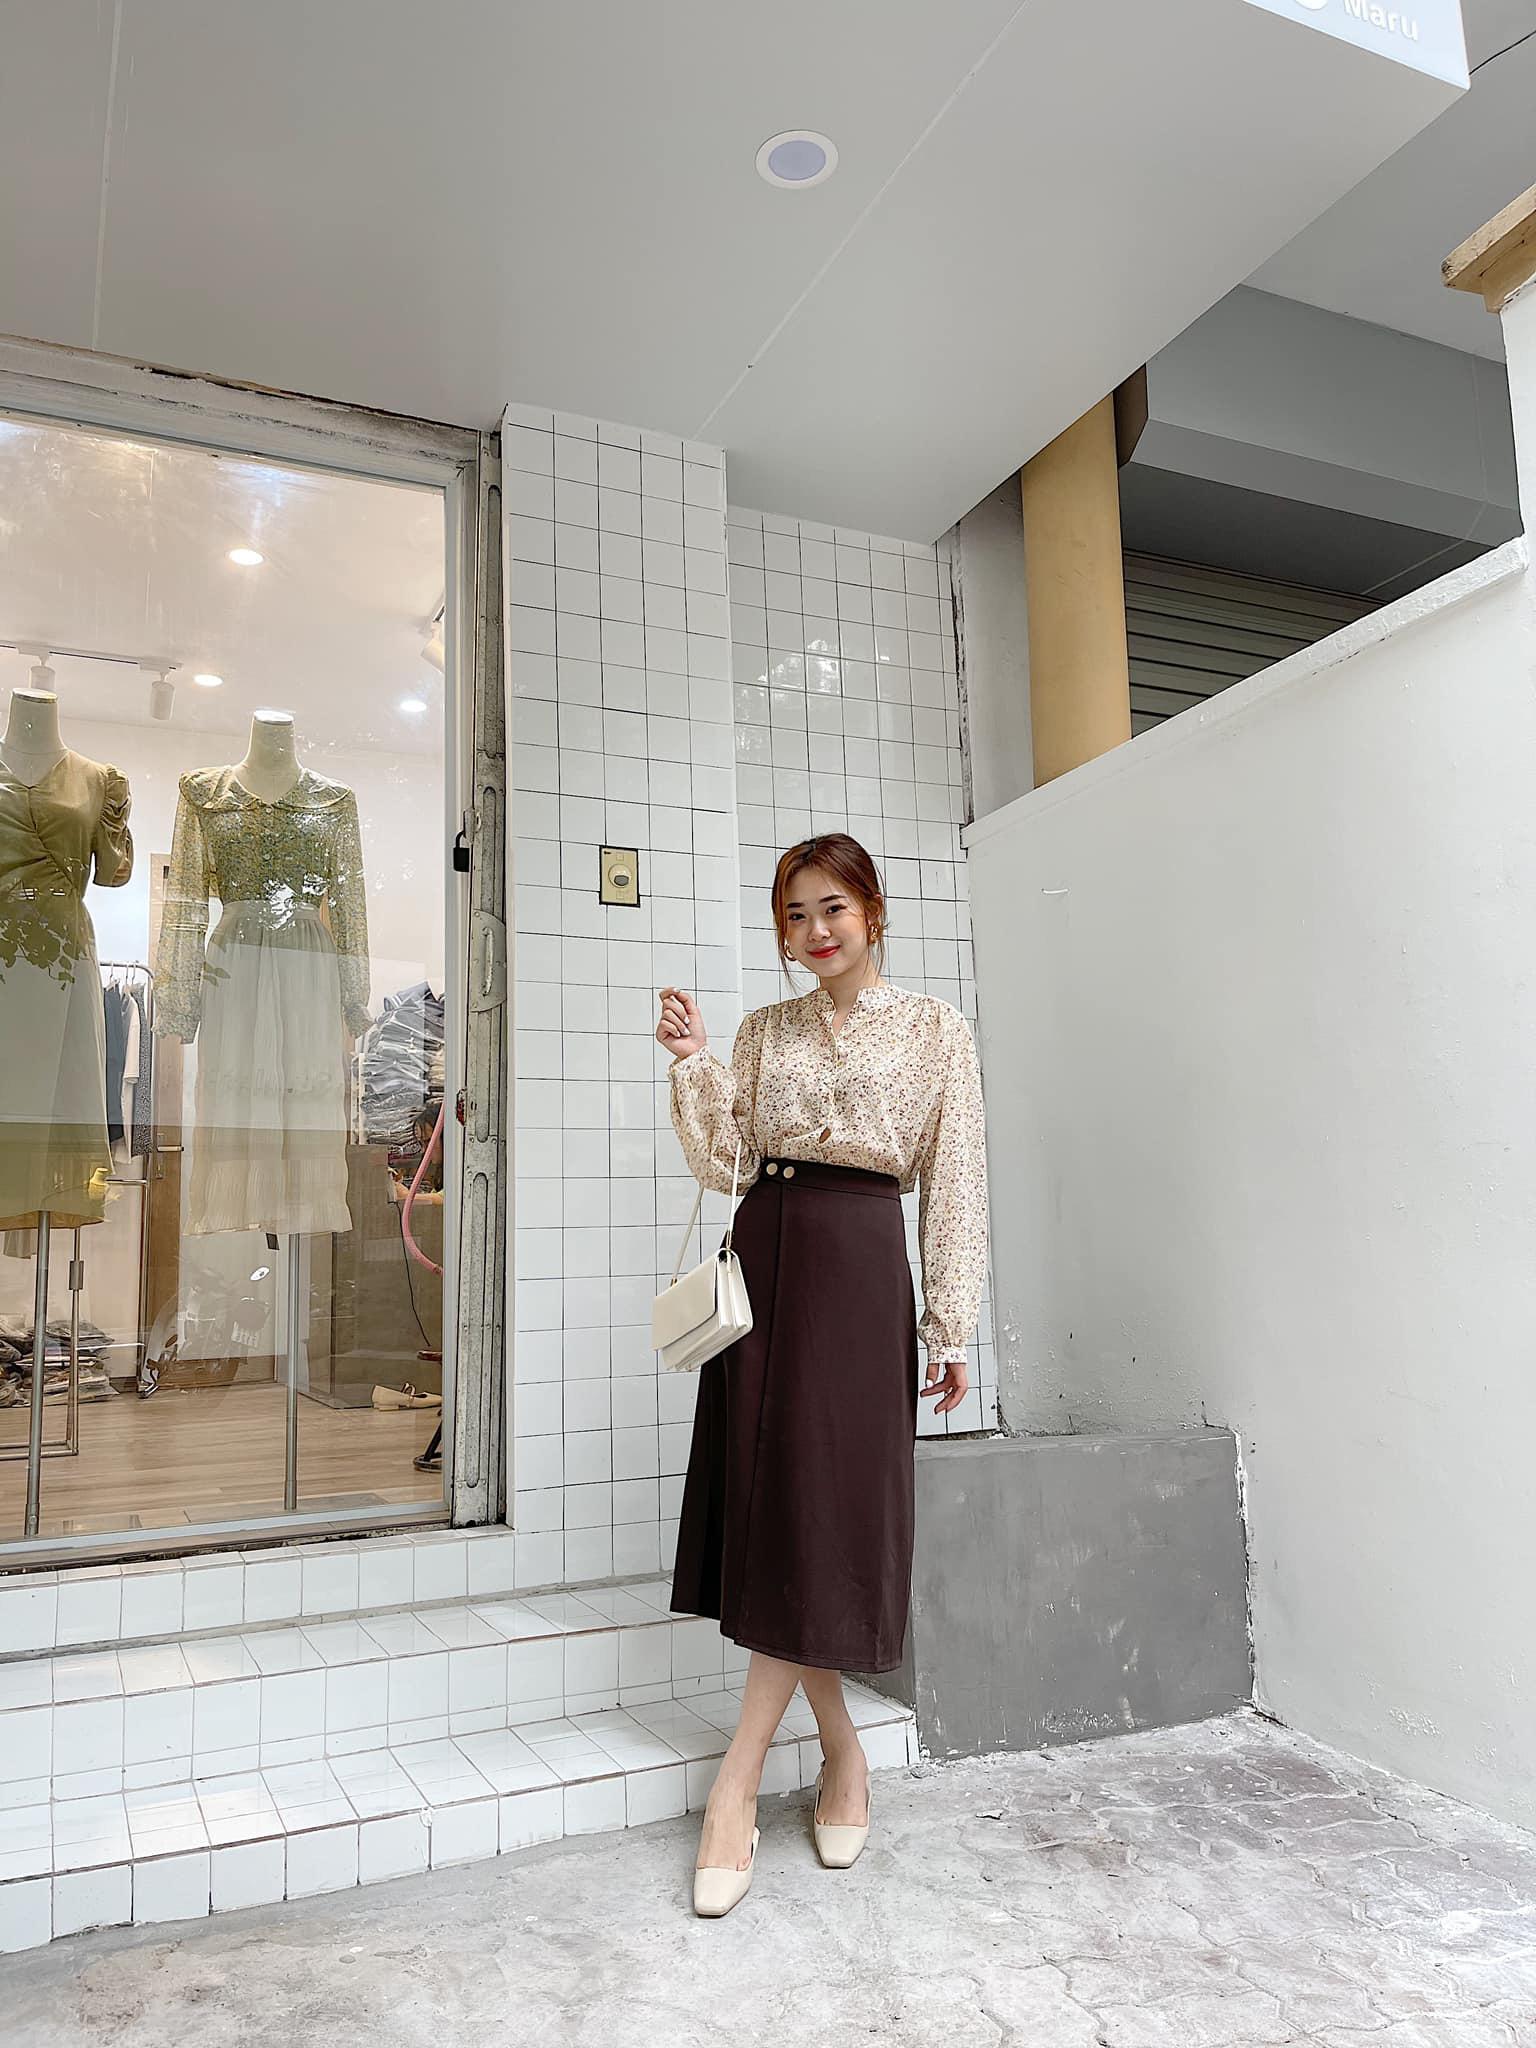 Thời trang Thu Bùi Shop tôn vinh phái đẹp bằng loạt thiết kế hiện đại đầy quyến rũ - Ảnh 3.